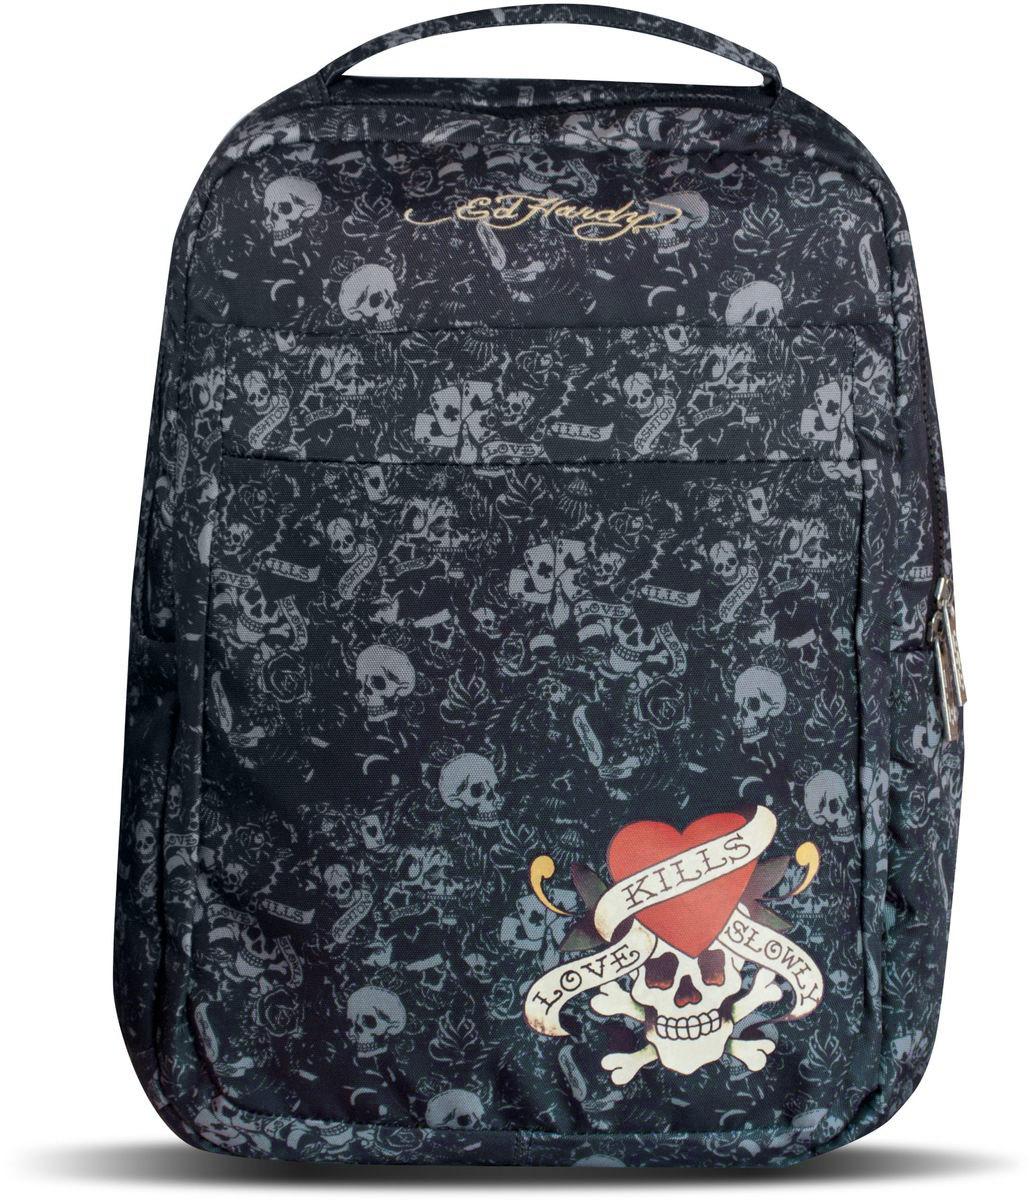 Ed Hardy Рюкзак детский цвет черный серый72523WDДетский рюкзак Ed Hardy - это красивый и удобный рюкзак, который подойдет всем, кто хочет разнообразить свои будни. Рюкзак выполнен из плотного материала и оформлен яркой аппликацией с черепом и сердцем. Рюкзак имеет одно основное вместительное отделения на молнии. Внутри отделения расположен мягкий карман на хлястике с липучкой, три открытых кармана и два фиксатора для канцелярских принадлежностей. На лицевой стороне расположен объемный накладной карман на молнии. Рюкзак также оснащен удобной и прочной ручкой для переноски. Широкие лямки можно регулировать по длине. Рюкзак снабжен светоотражающими вставками.Рюкзак снабжен светоотражающими вставками. Многофункциональный детский рюкзак станет незаменимым спутником вашего ребенка.